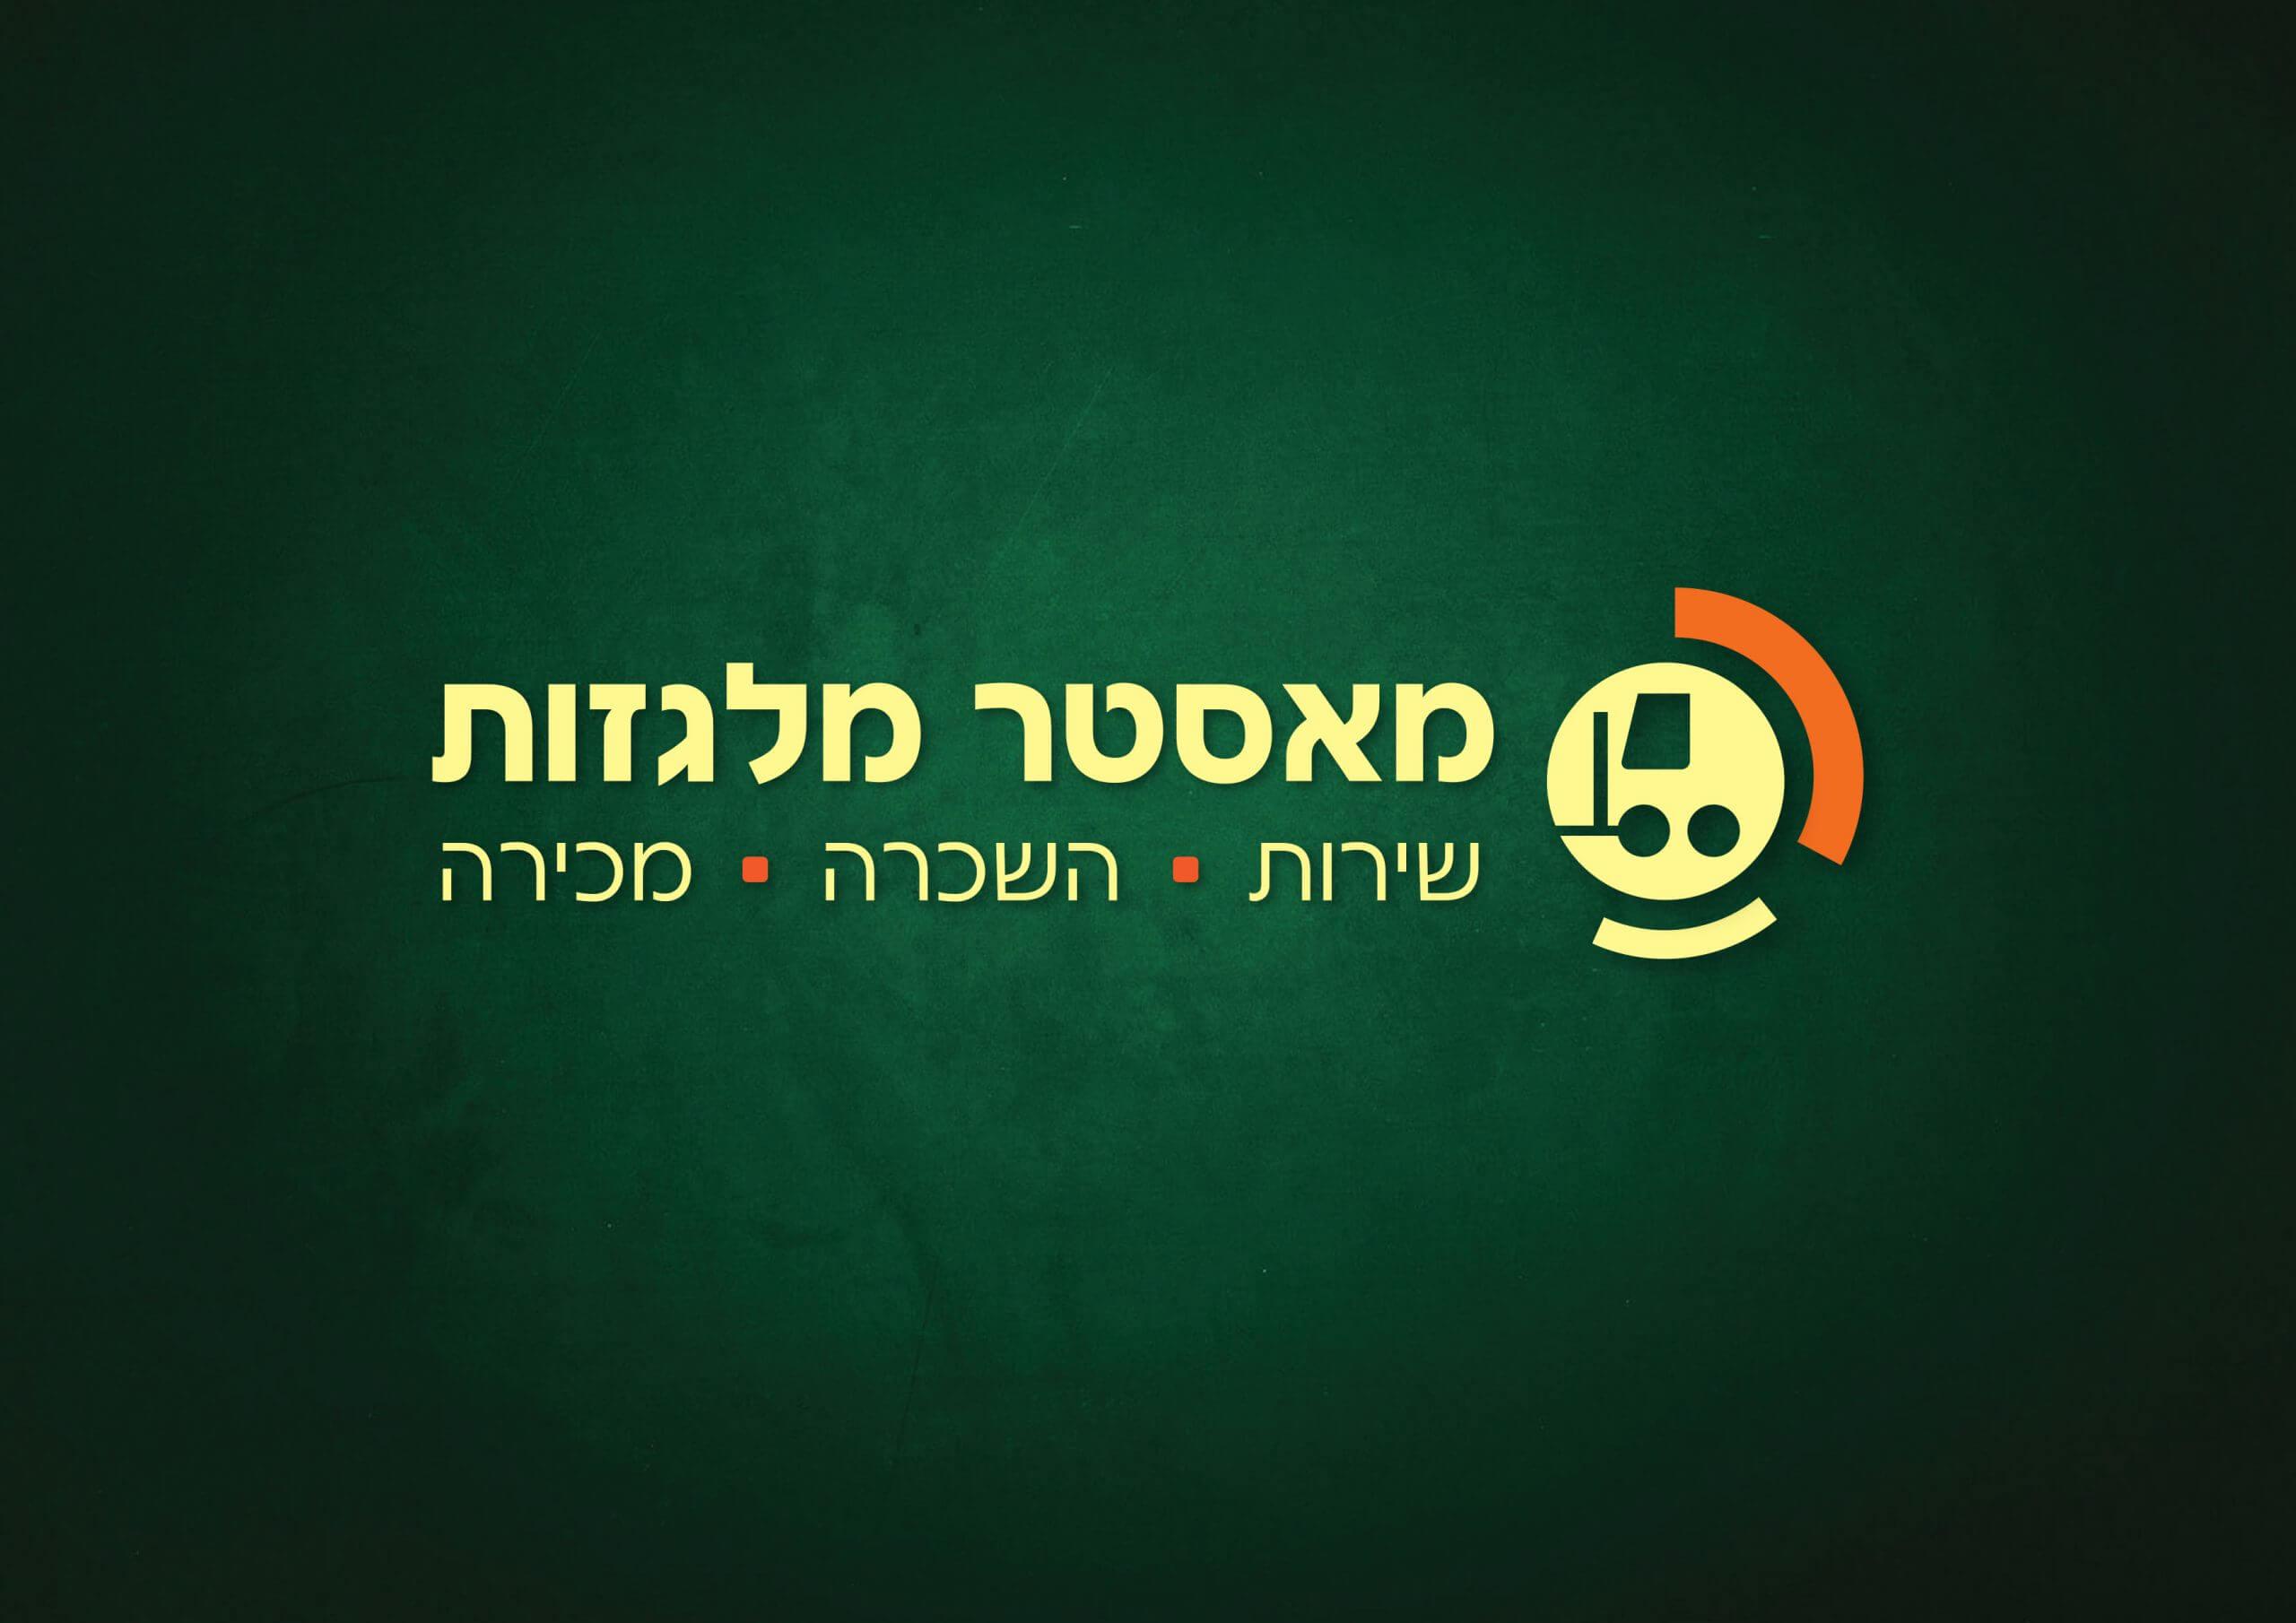 מאסטר שרותי מלגזות - לוגו סופי